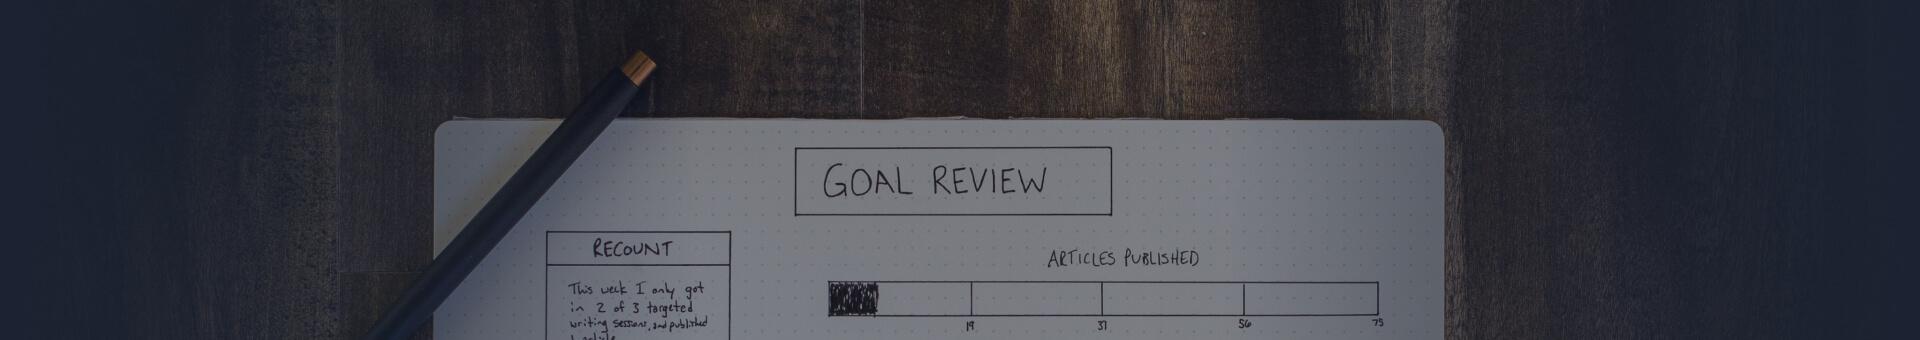 Review Goals